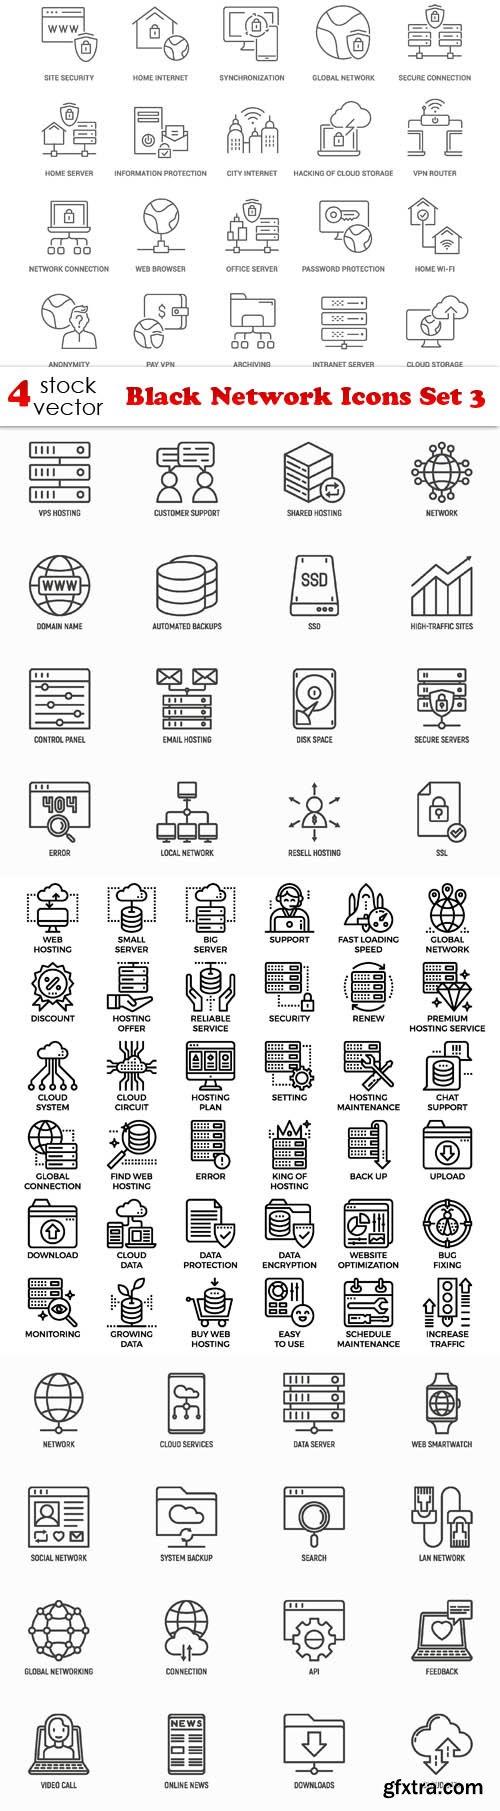 Vectors - Black Network Icons Set 3